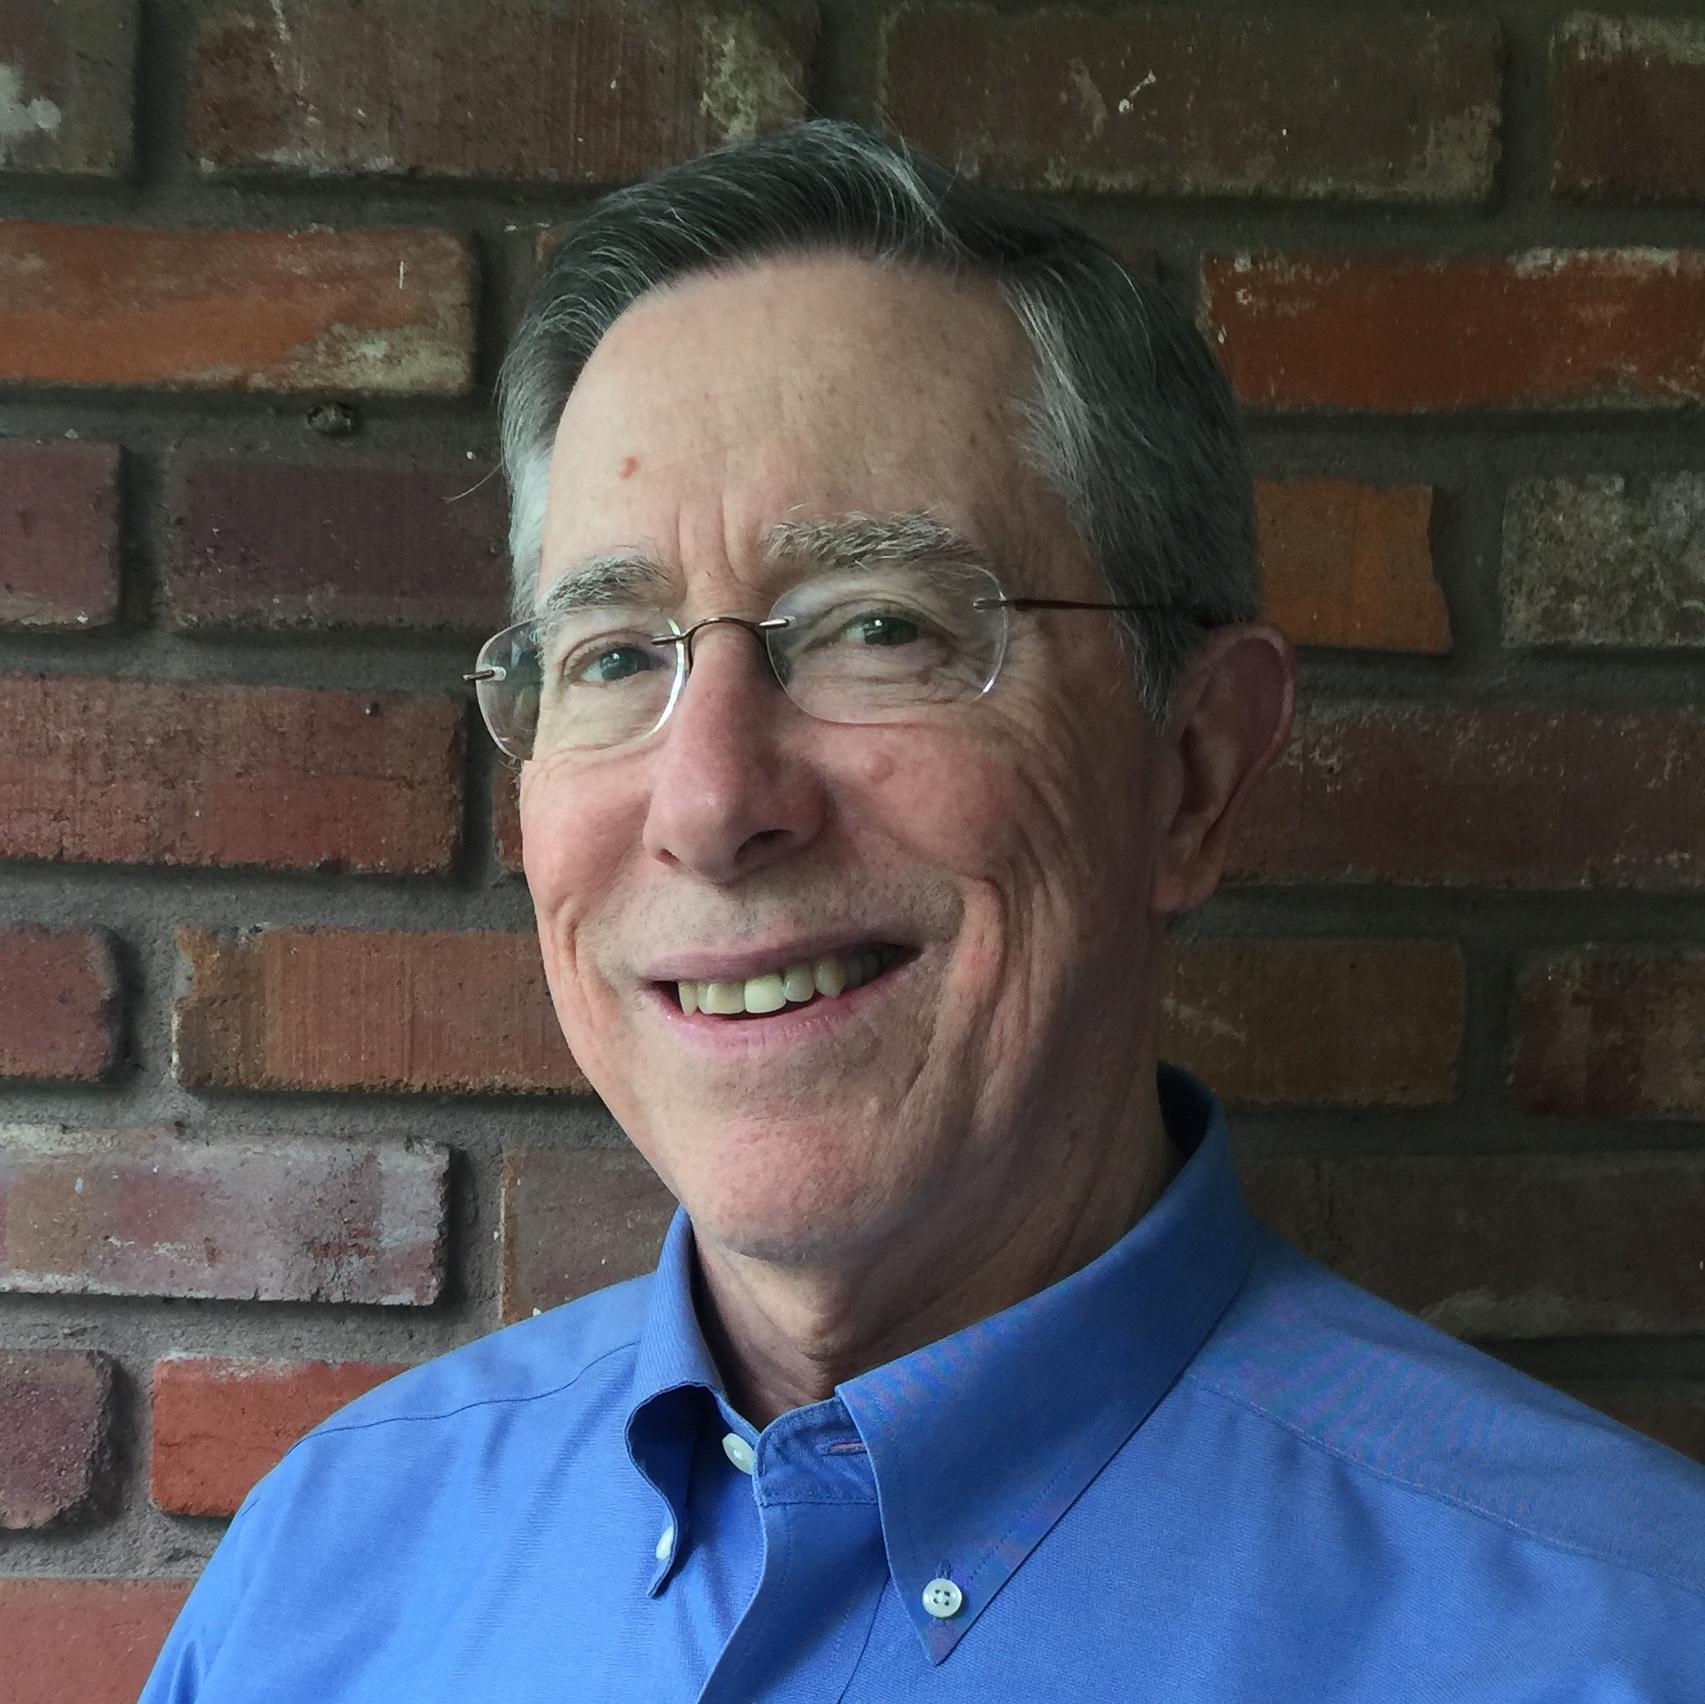 Phil Lutz - Apogee Engineering